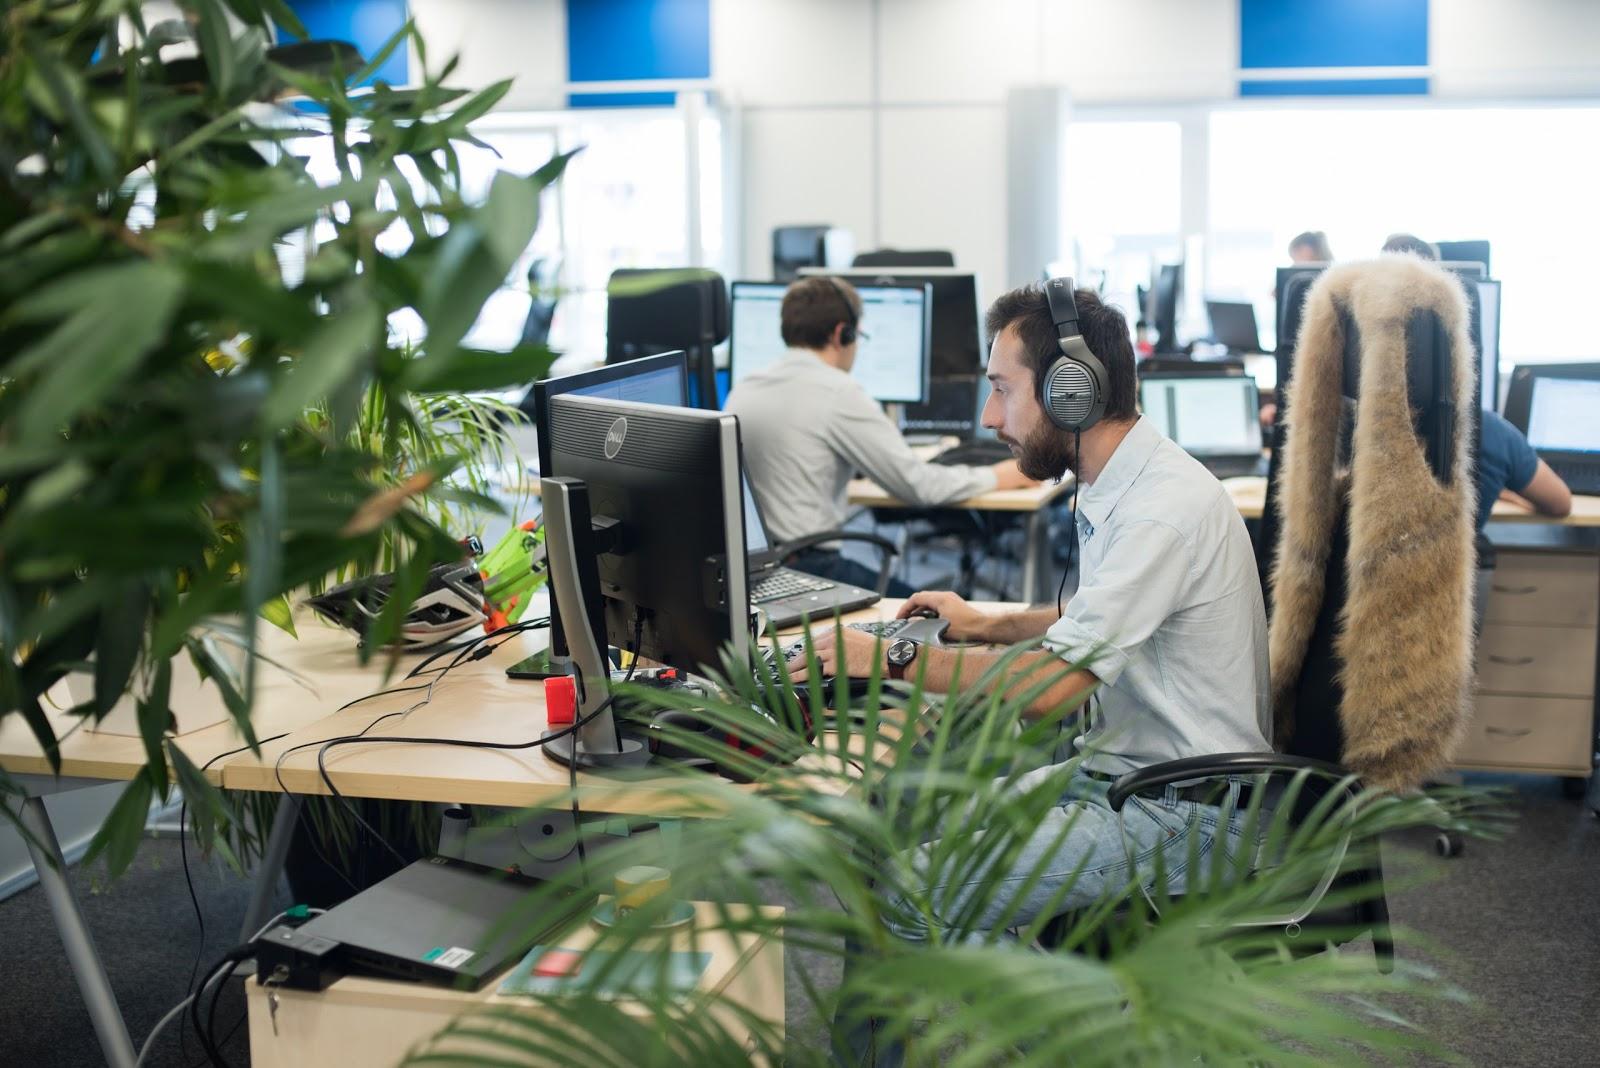 Sidenis о работе со страховыми корпорациями, agile-коучинге и запрещенных технологиях - 4